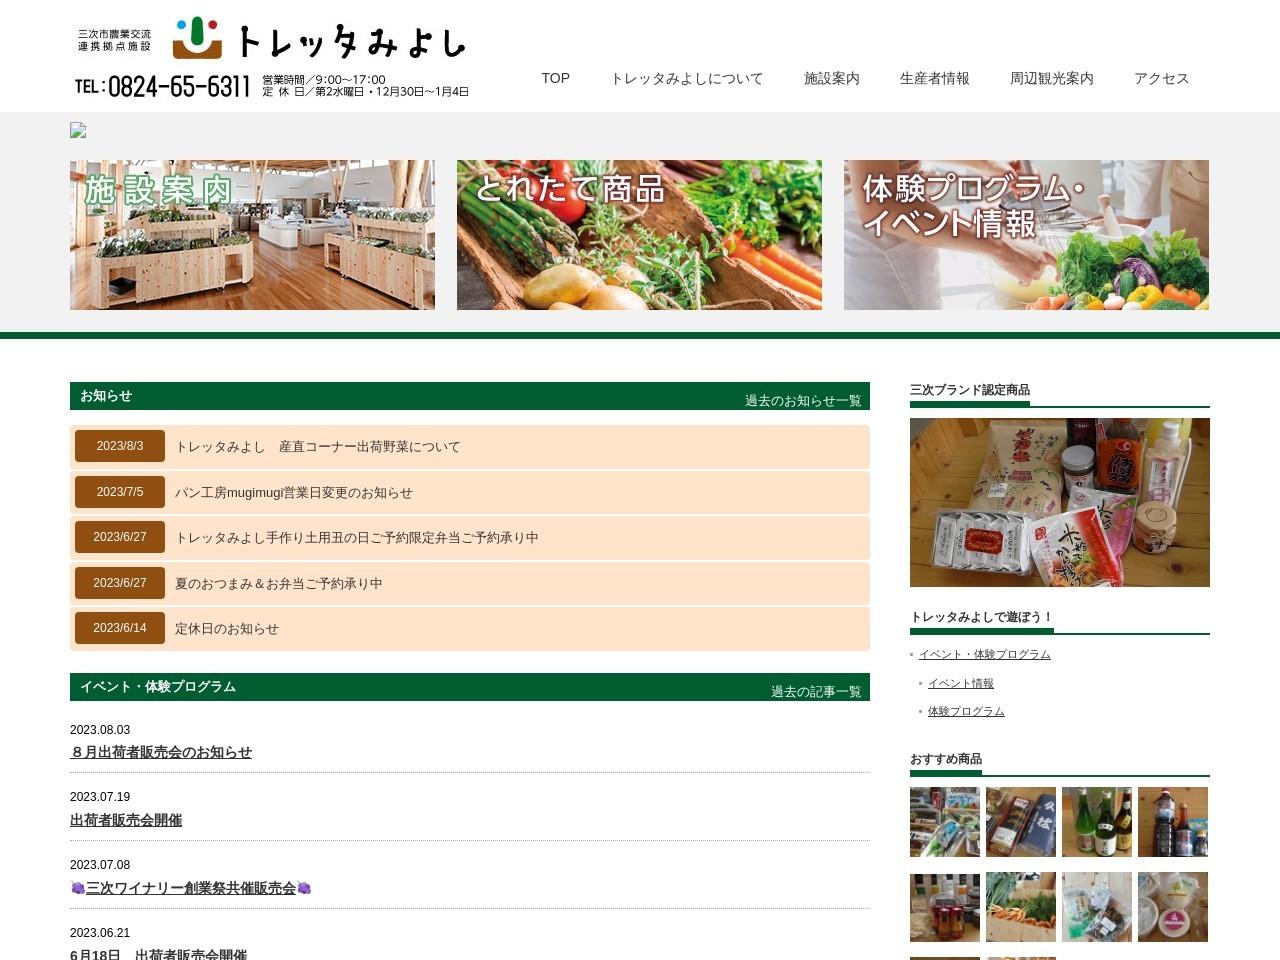 トレッタみよし公式サイト | 広島県三次市のの魅力が詰まった観光スポット